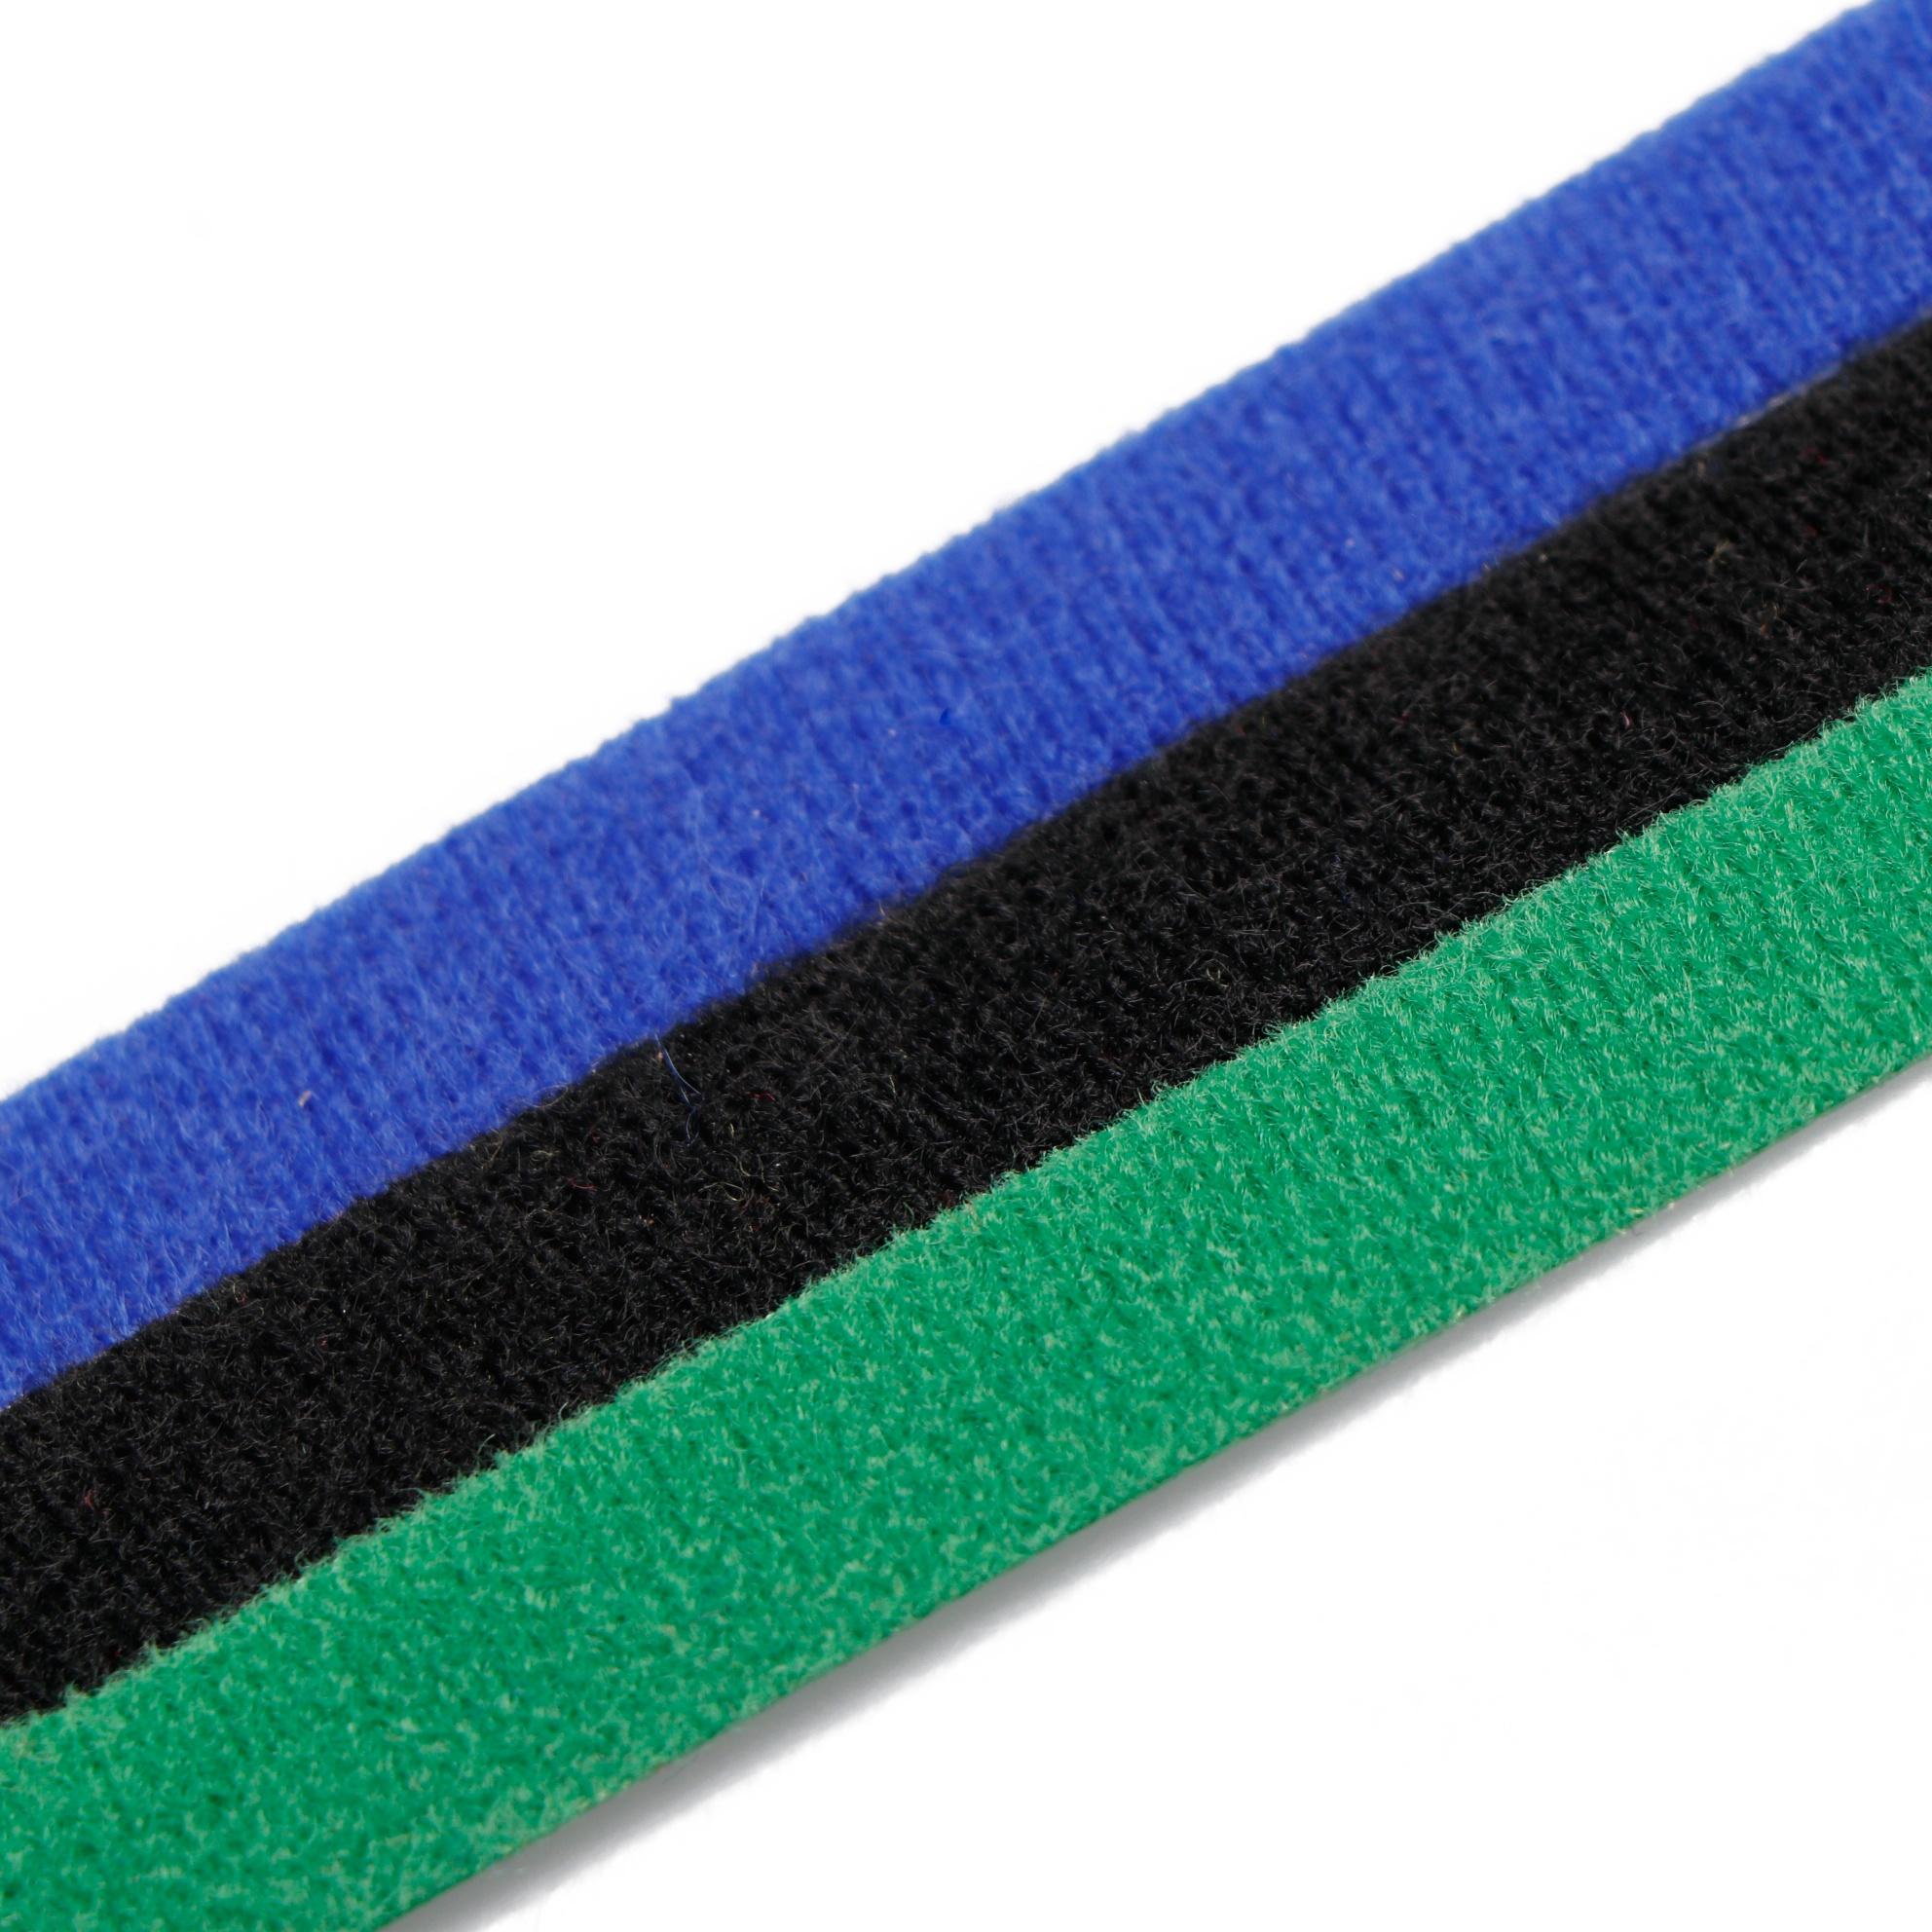 Цвет микрофибры крюк петля шнуры управление провода Организатор обертывания регулируемый шнур Галстуки многоразовые крепления кабельные стяжки